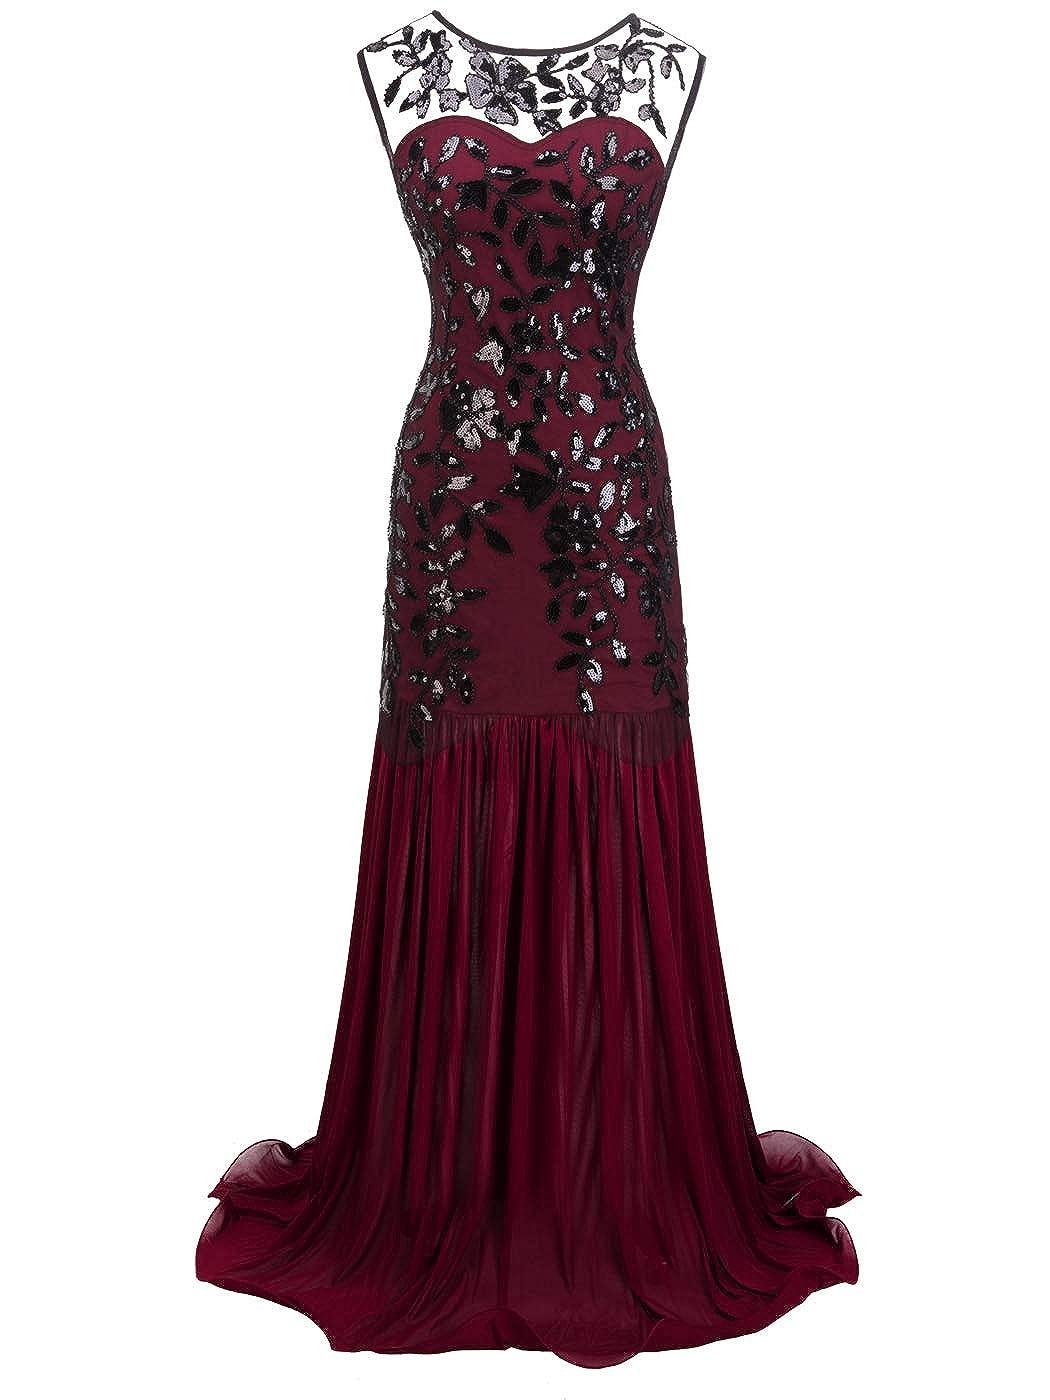 026burgundy Black FAIRY COUPLE 1920s FloorLength VBack Sequined Embellished Prom Evening Dress D20S004